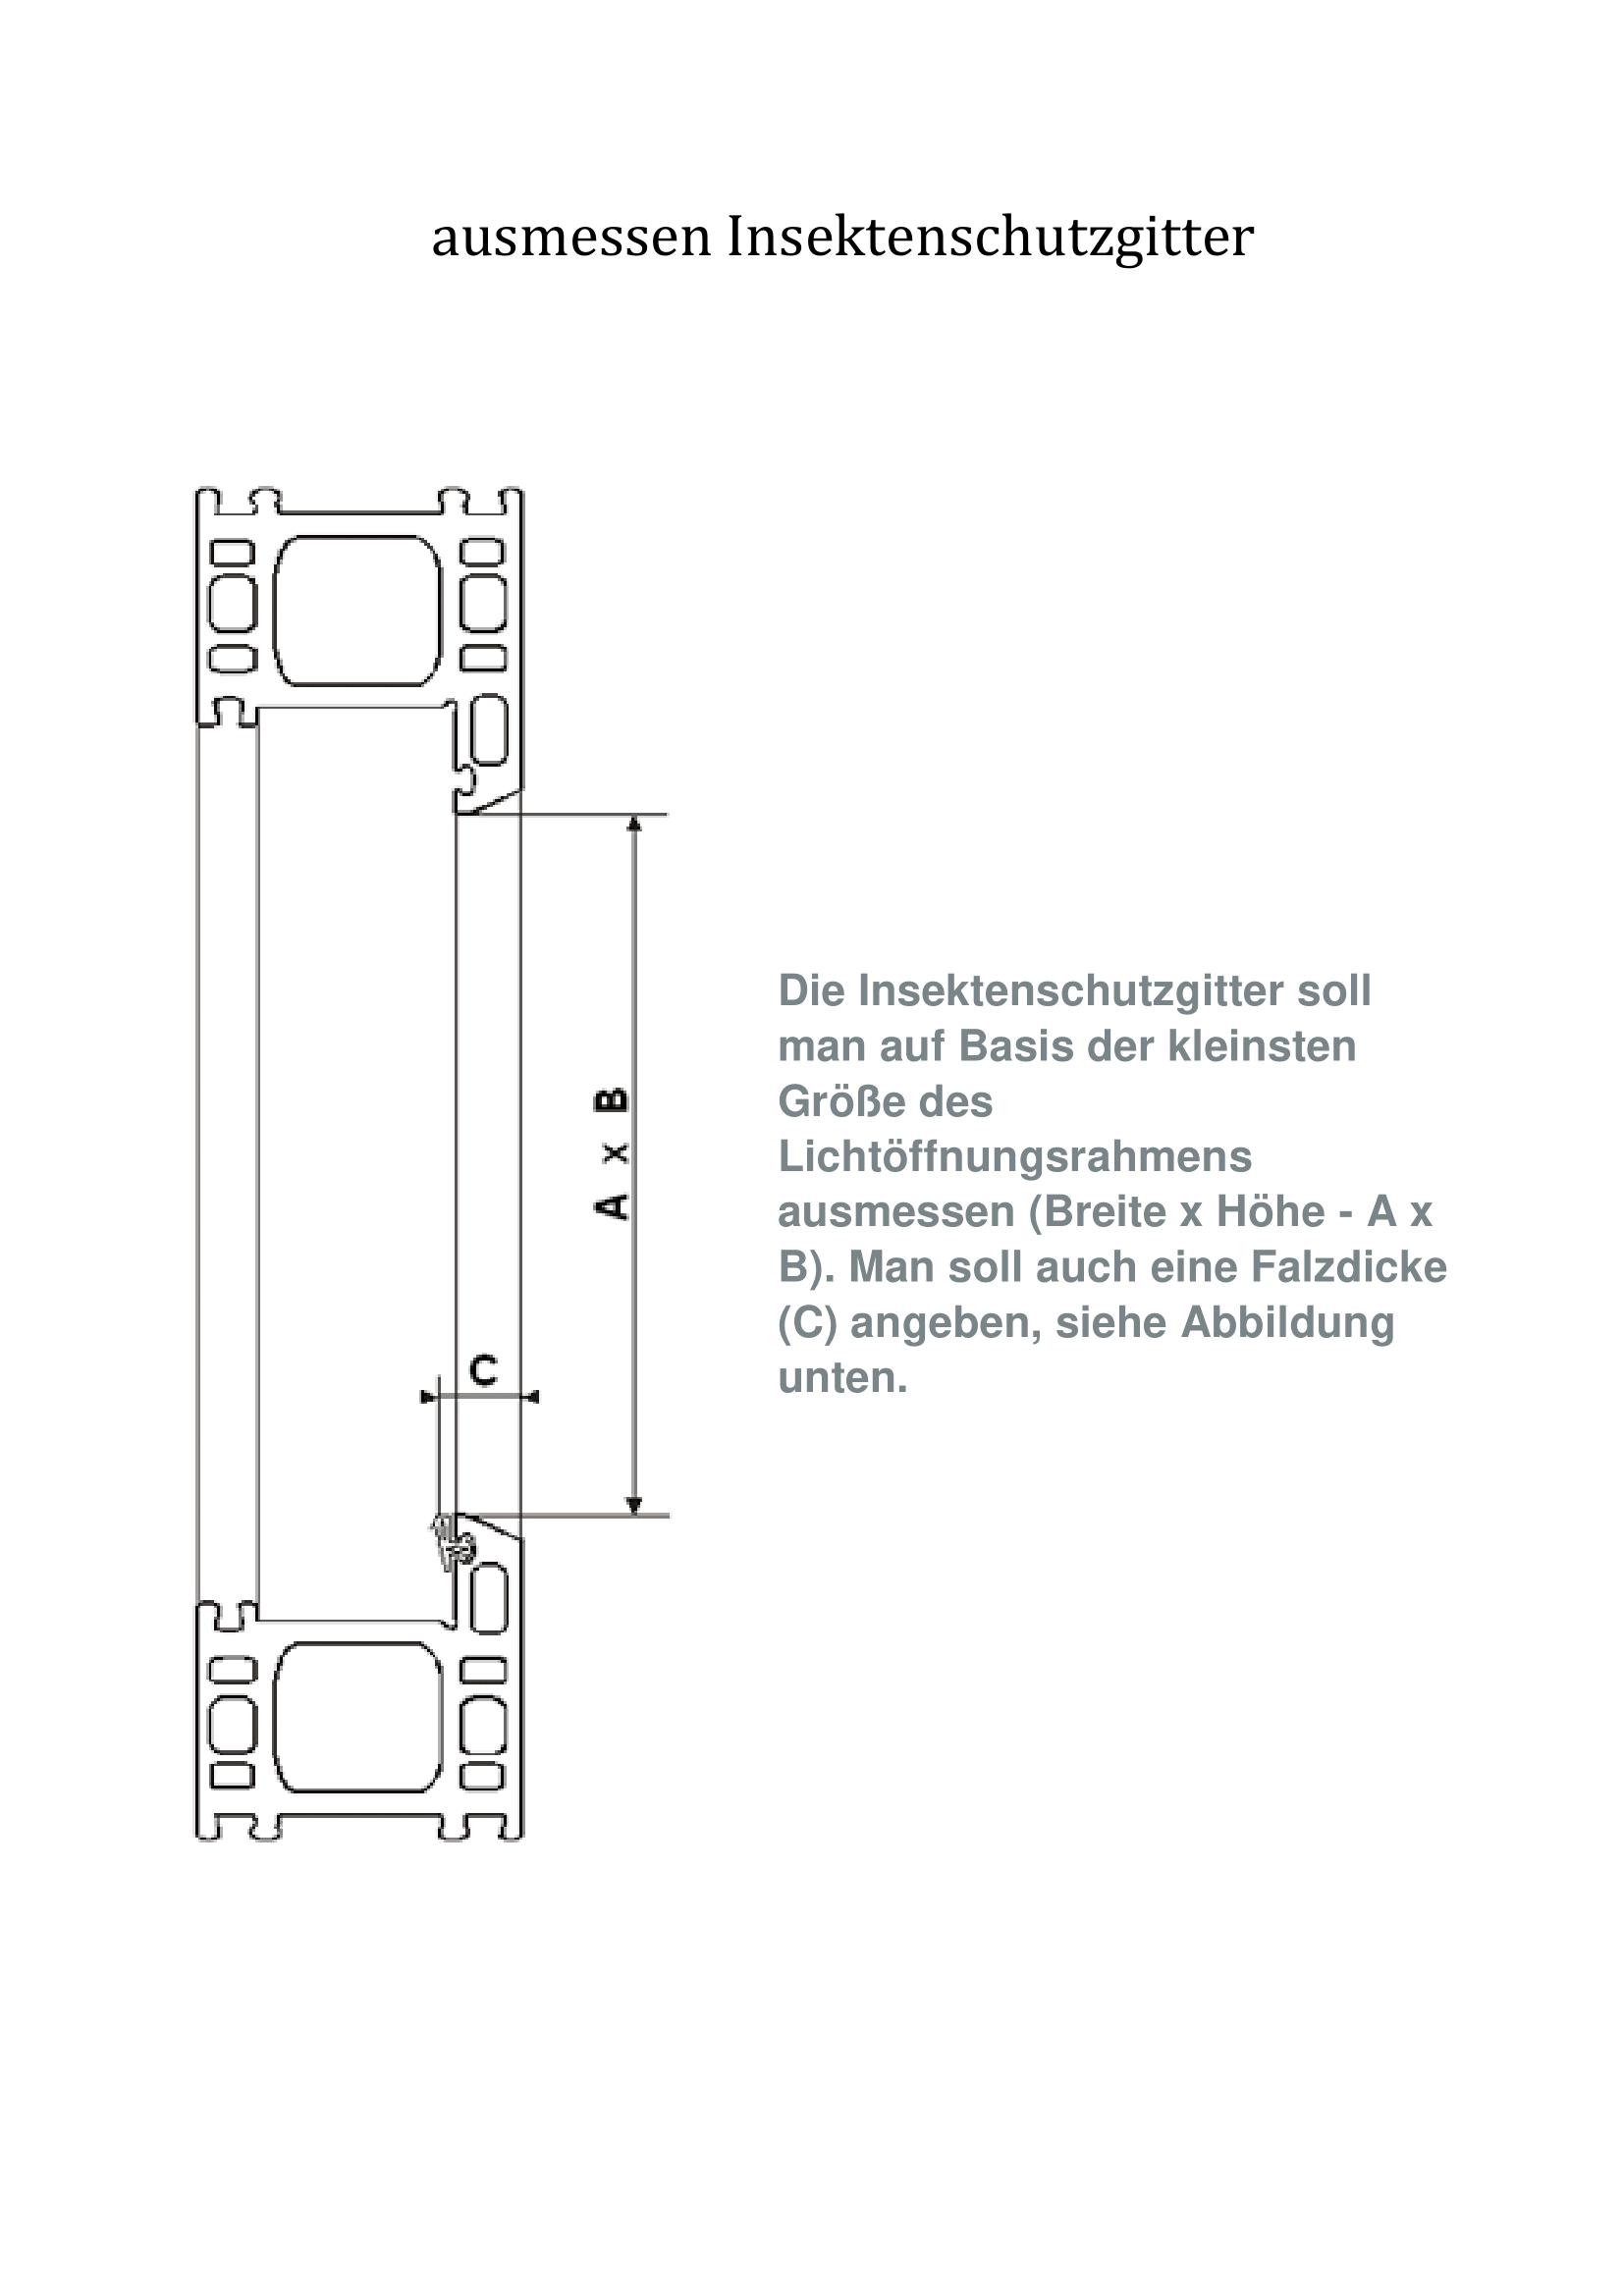 Abmessen-Insektenschutzgitter-4740-1